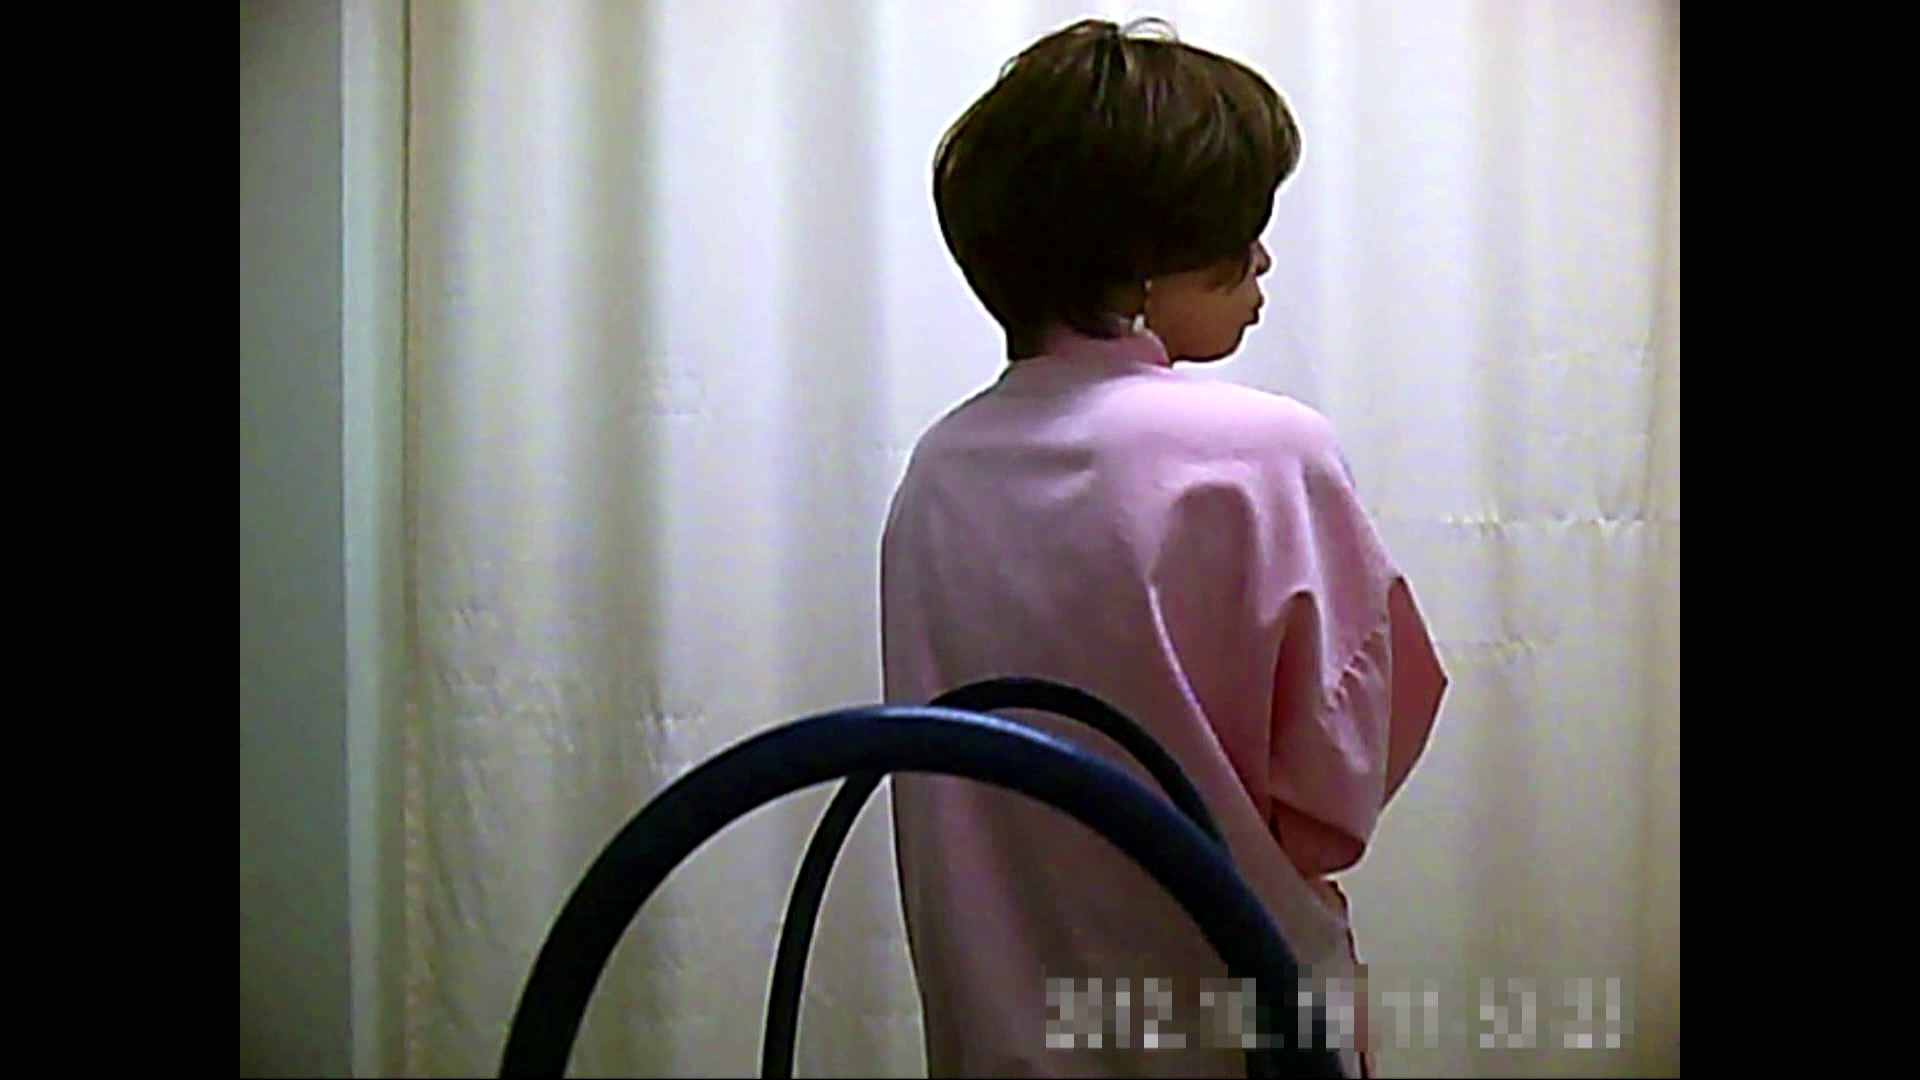 元医者による反抗 更衣室地獄絵巻 vol.052 OLハメ撮り  103Pix 53